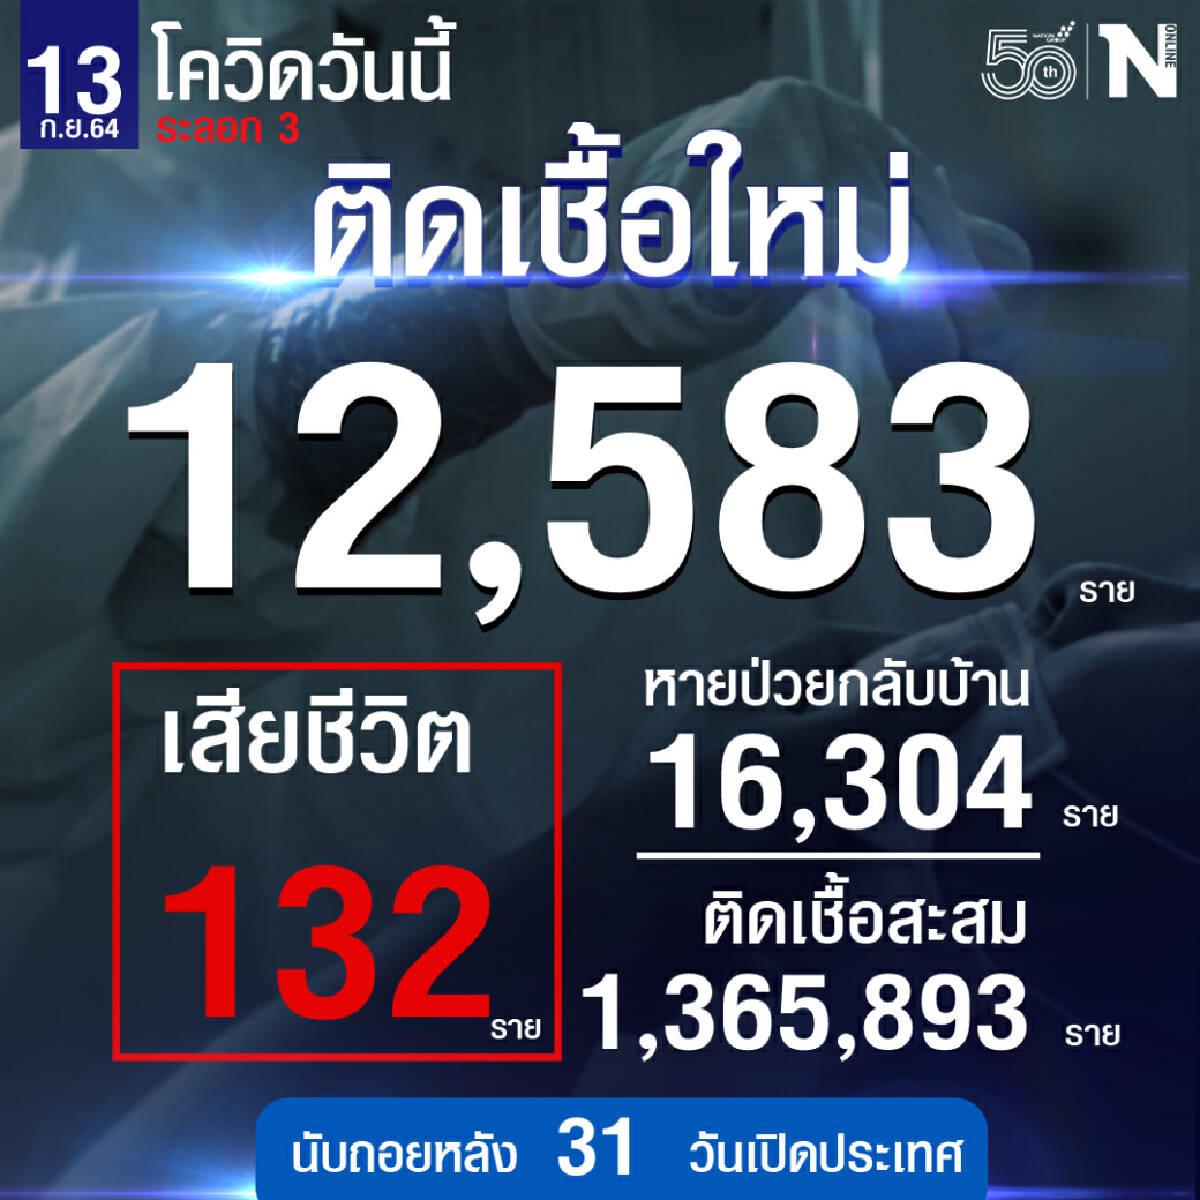 ศบค.เผย ยอดผู้ติดเชื้อลดลงต่ำสุดรวม 12,583 หายป่วย 16,304เสียชีวิต 132 ราย